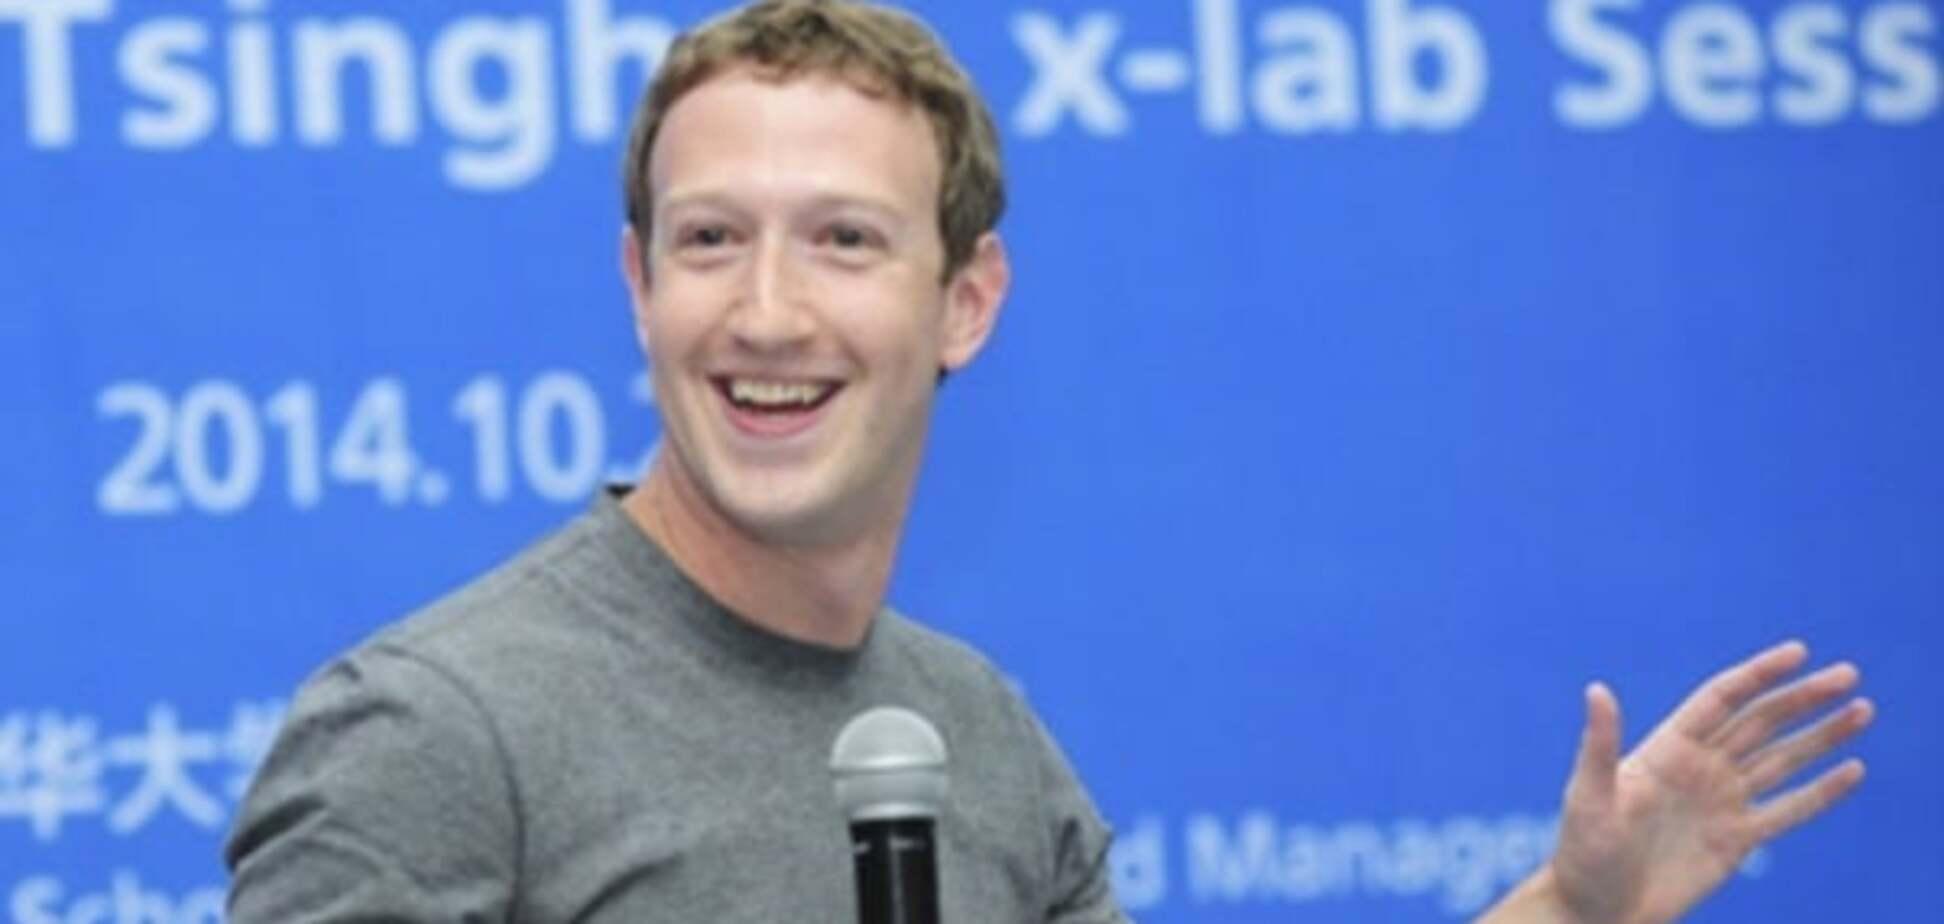 'Найбільший подарунок': Цукерберг розповів, як його розіграли на 1 квітня